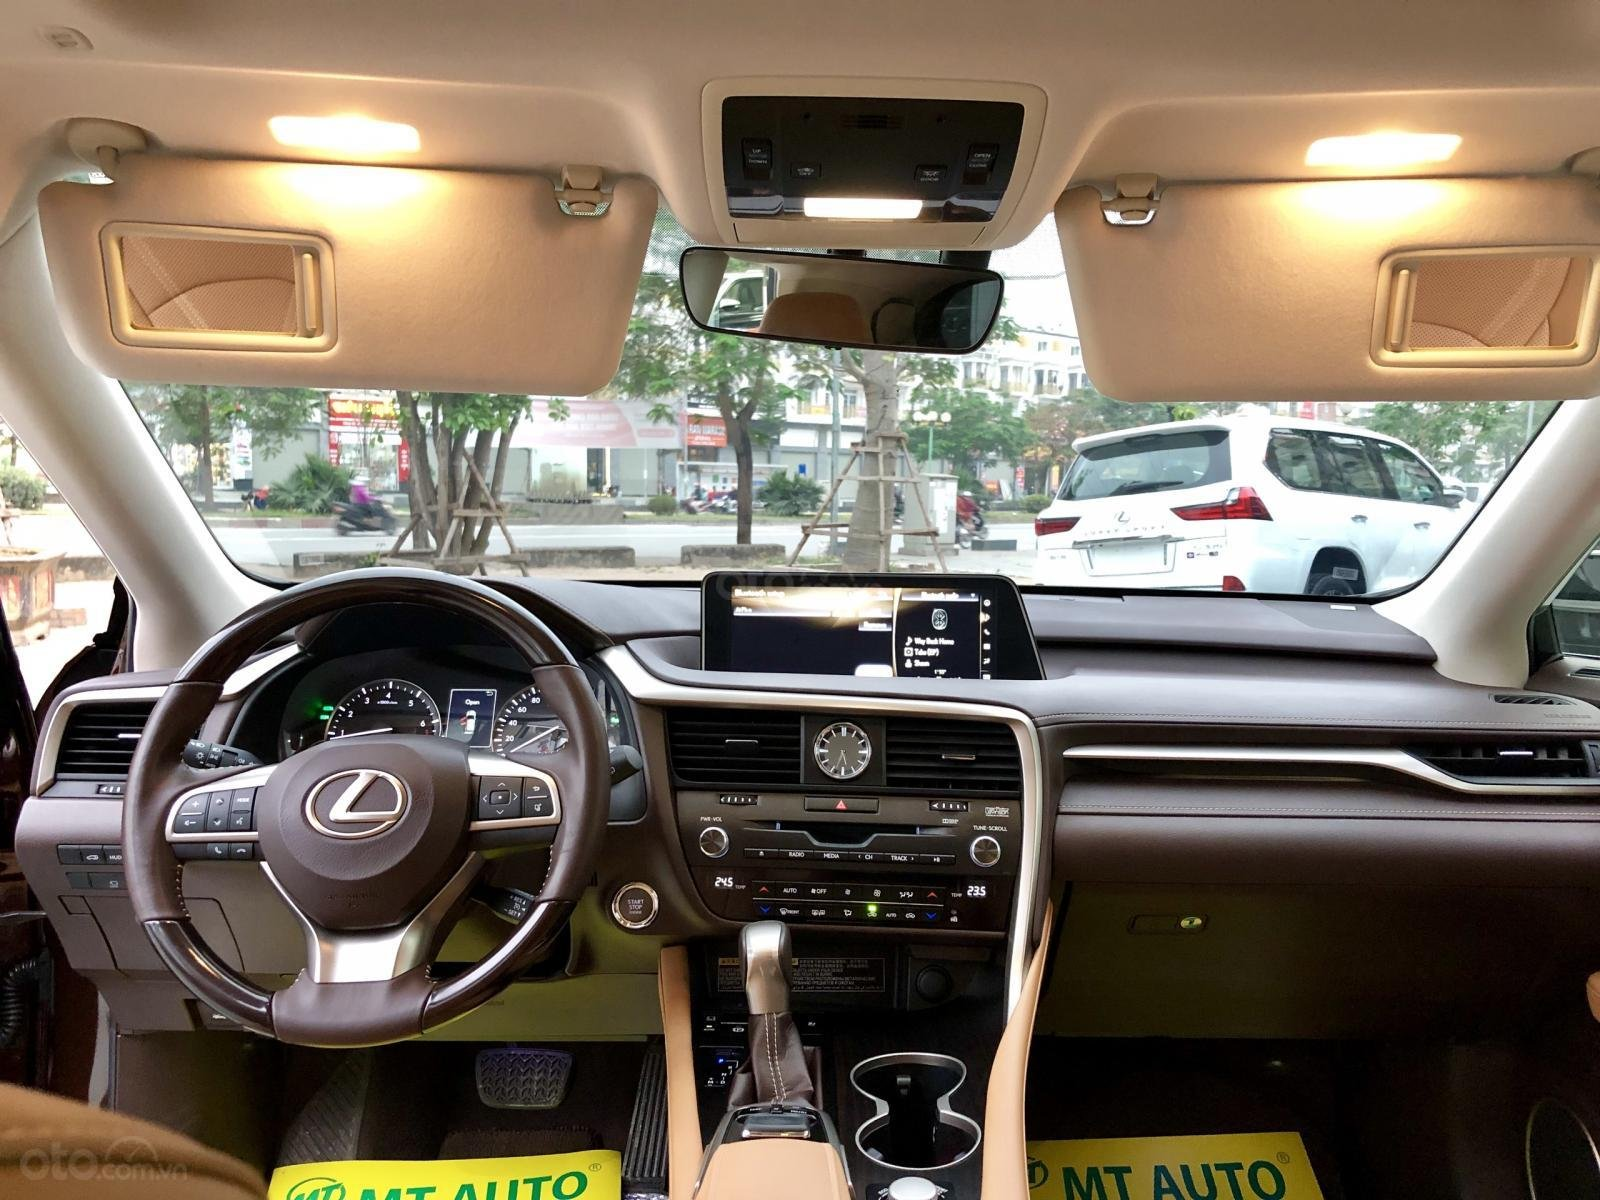 Cần bán xe Lexus RX 350 sản xuất 2017, xe nhập chính hãng. LH 093.996.2368 Ms Ngọc Vy (19)